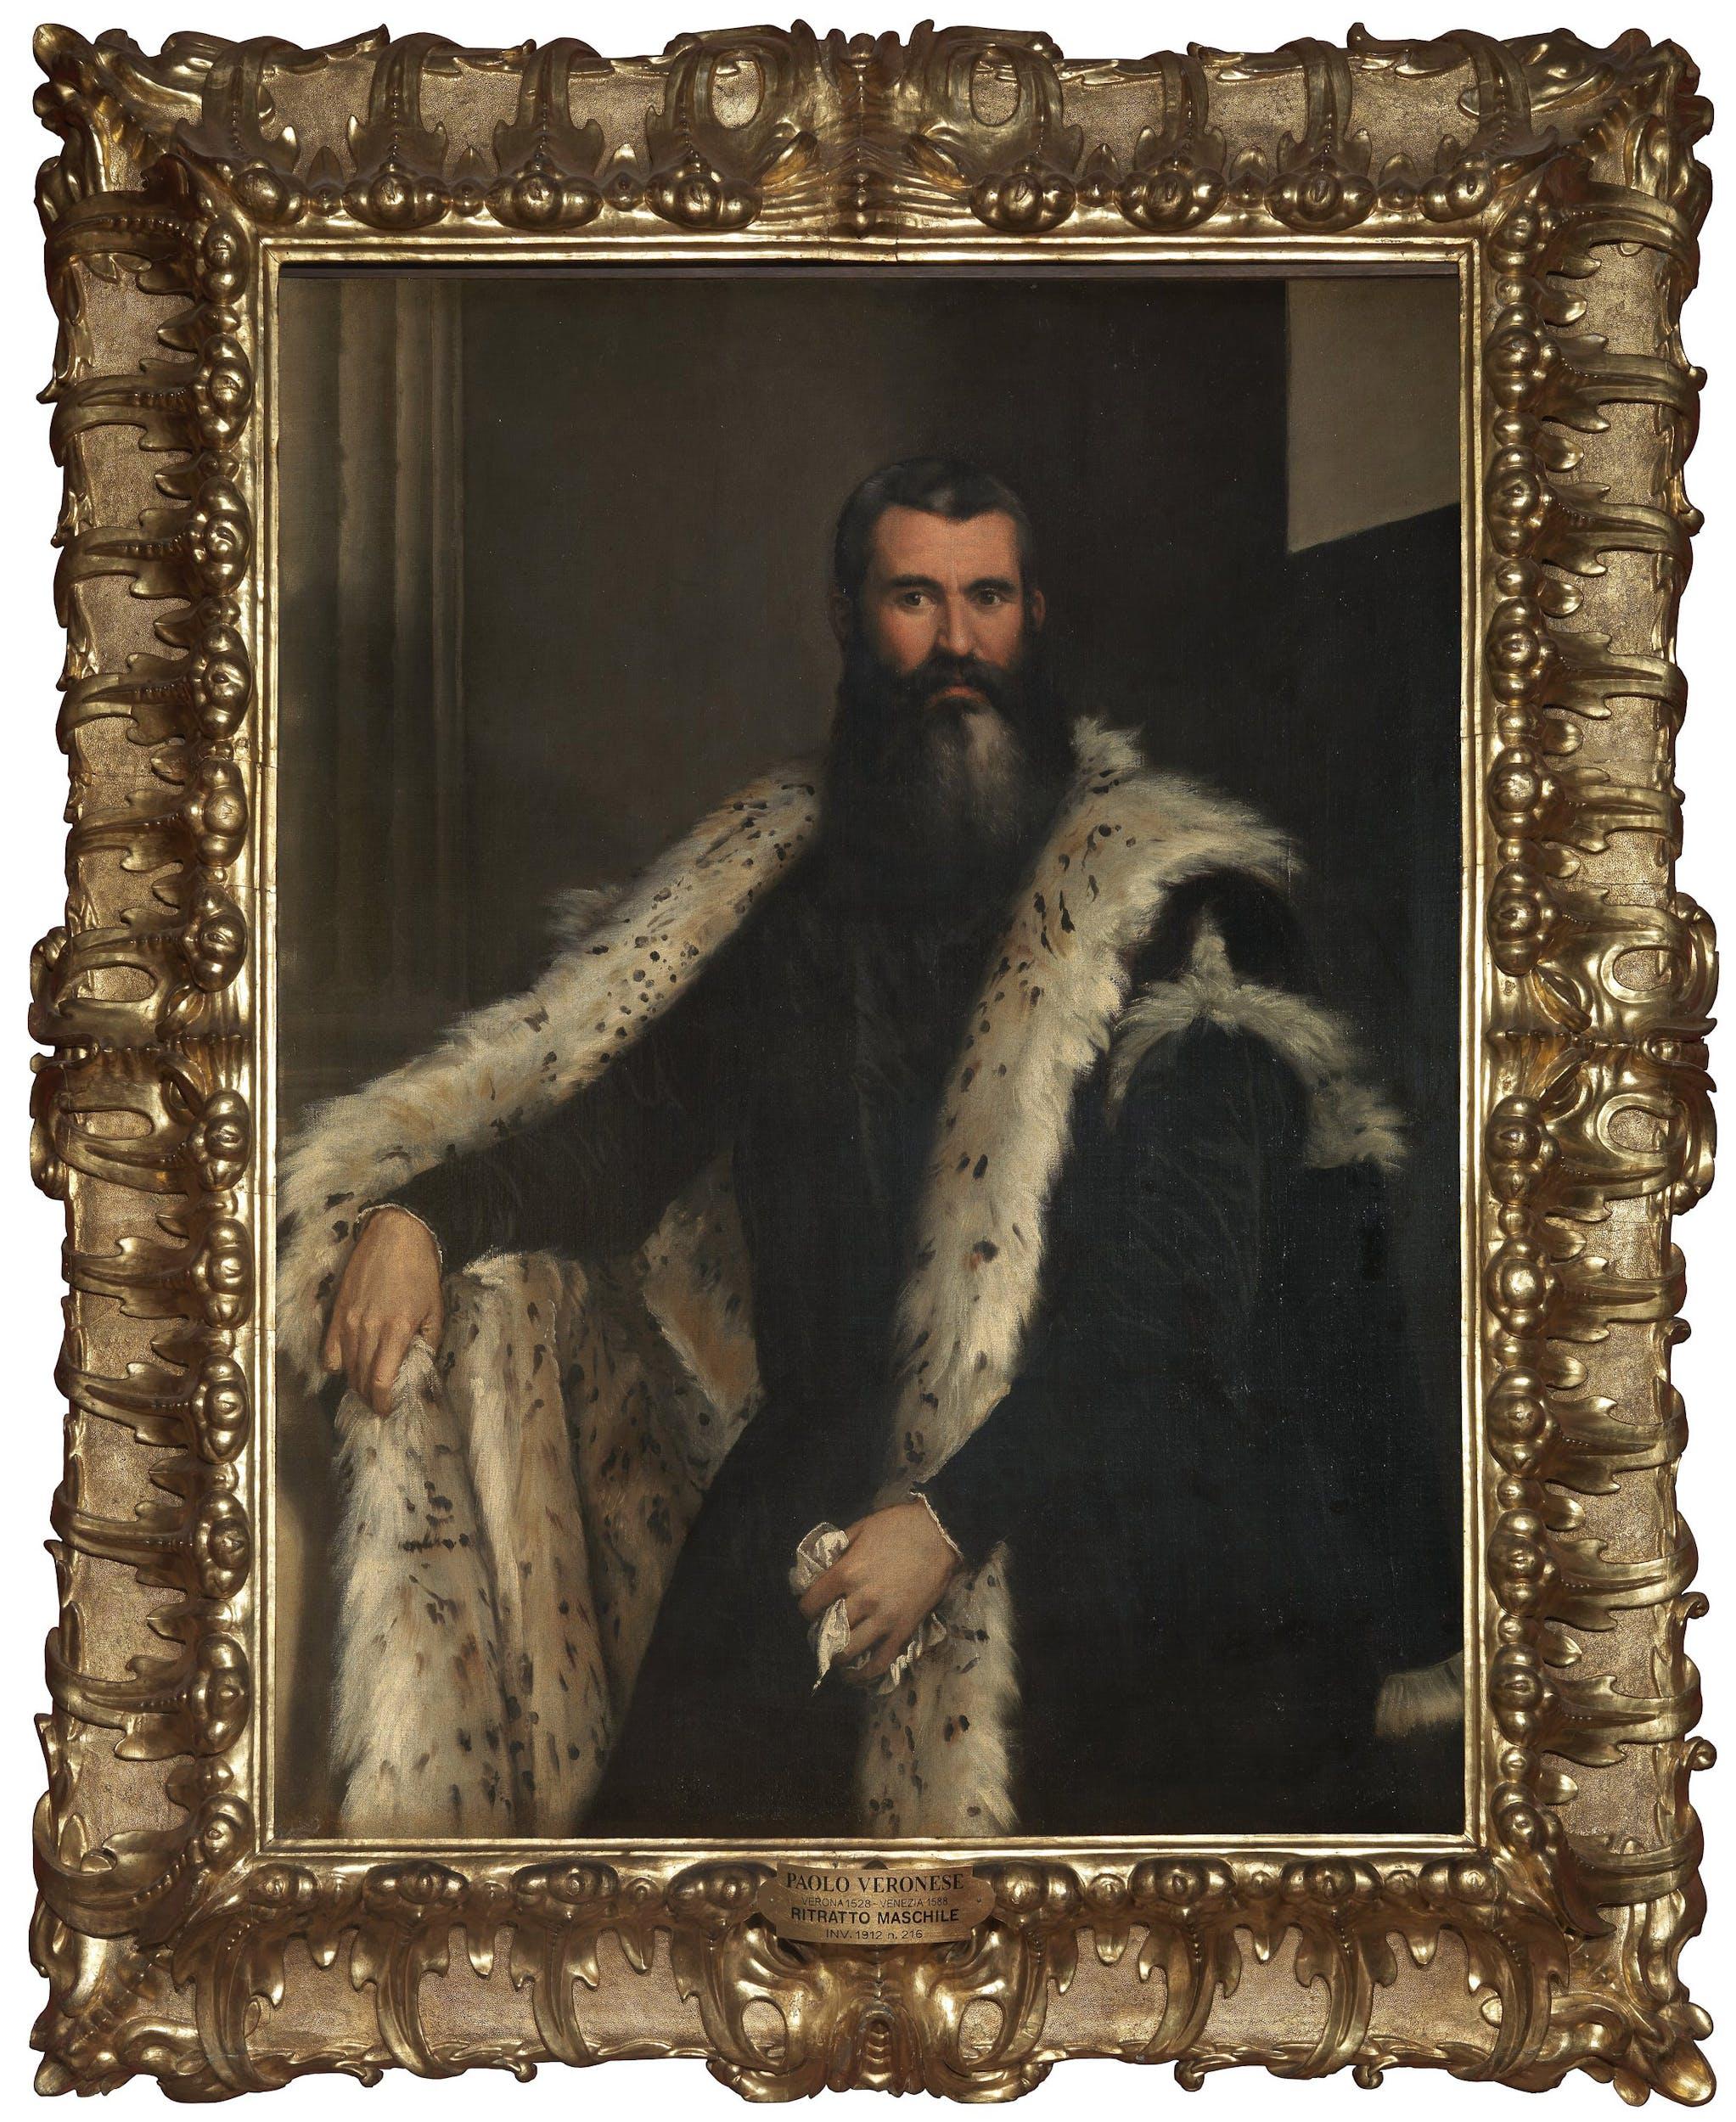 Paolo Veronese, Ritratto maschile, Galleria Palatina